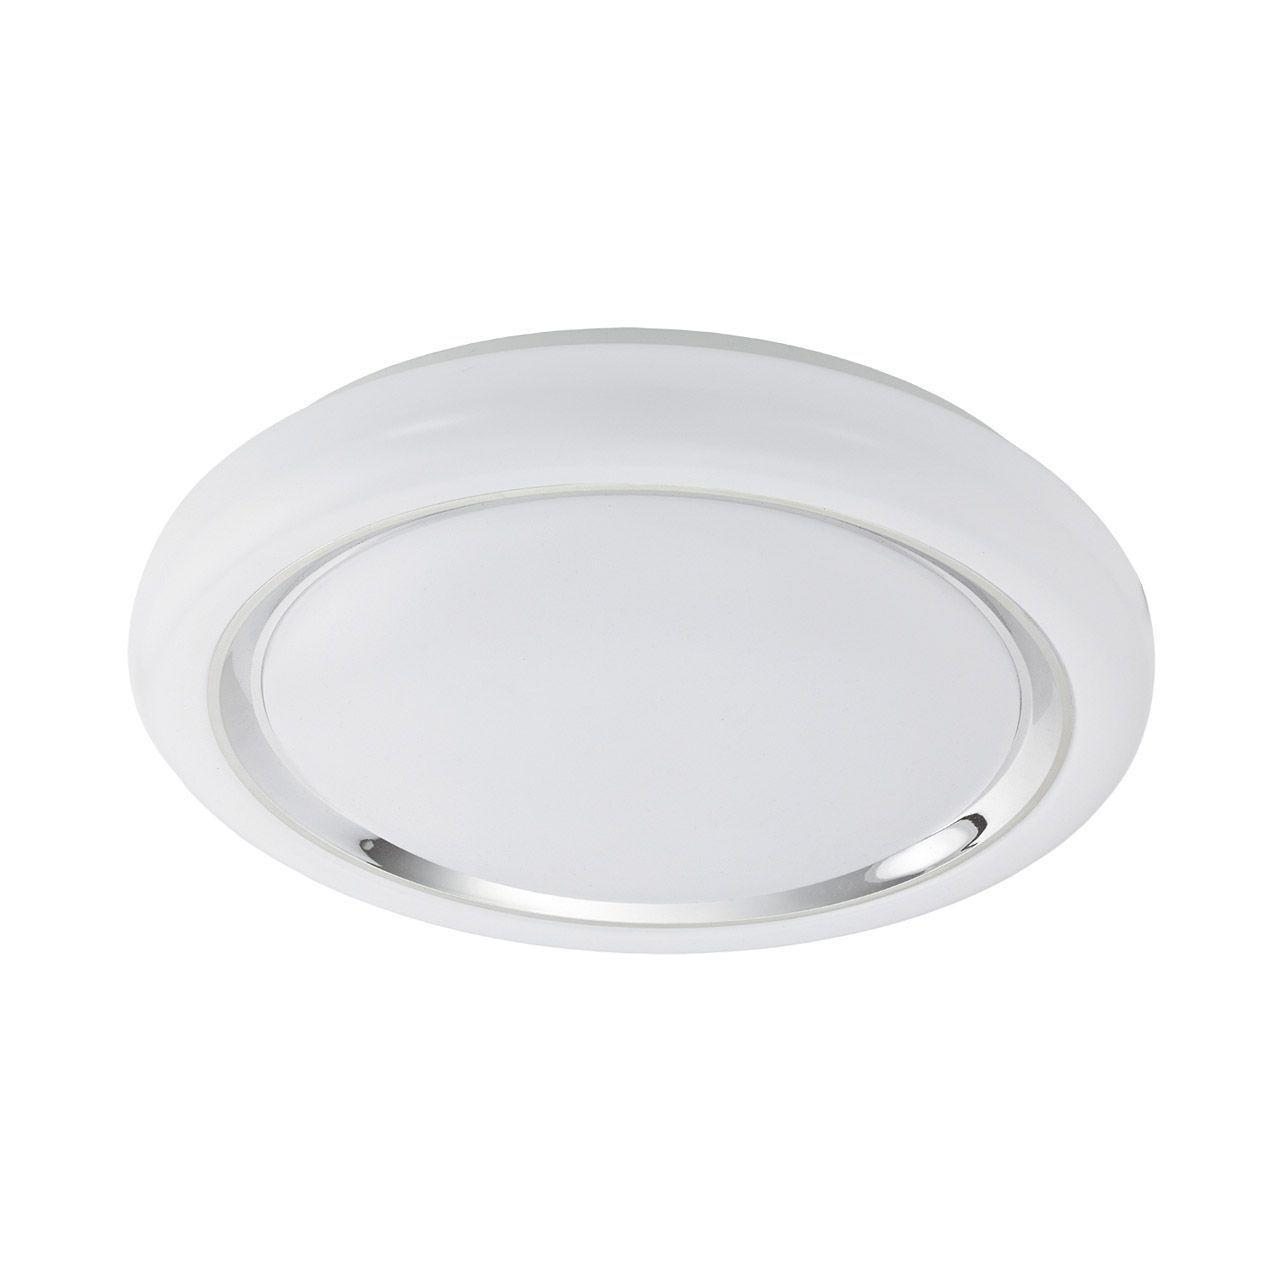 Потолочный светодиодный светильник Eglo Capasso 96024